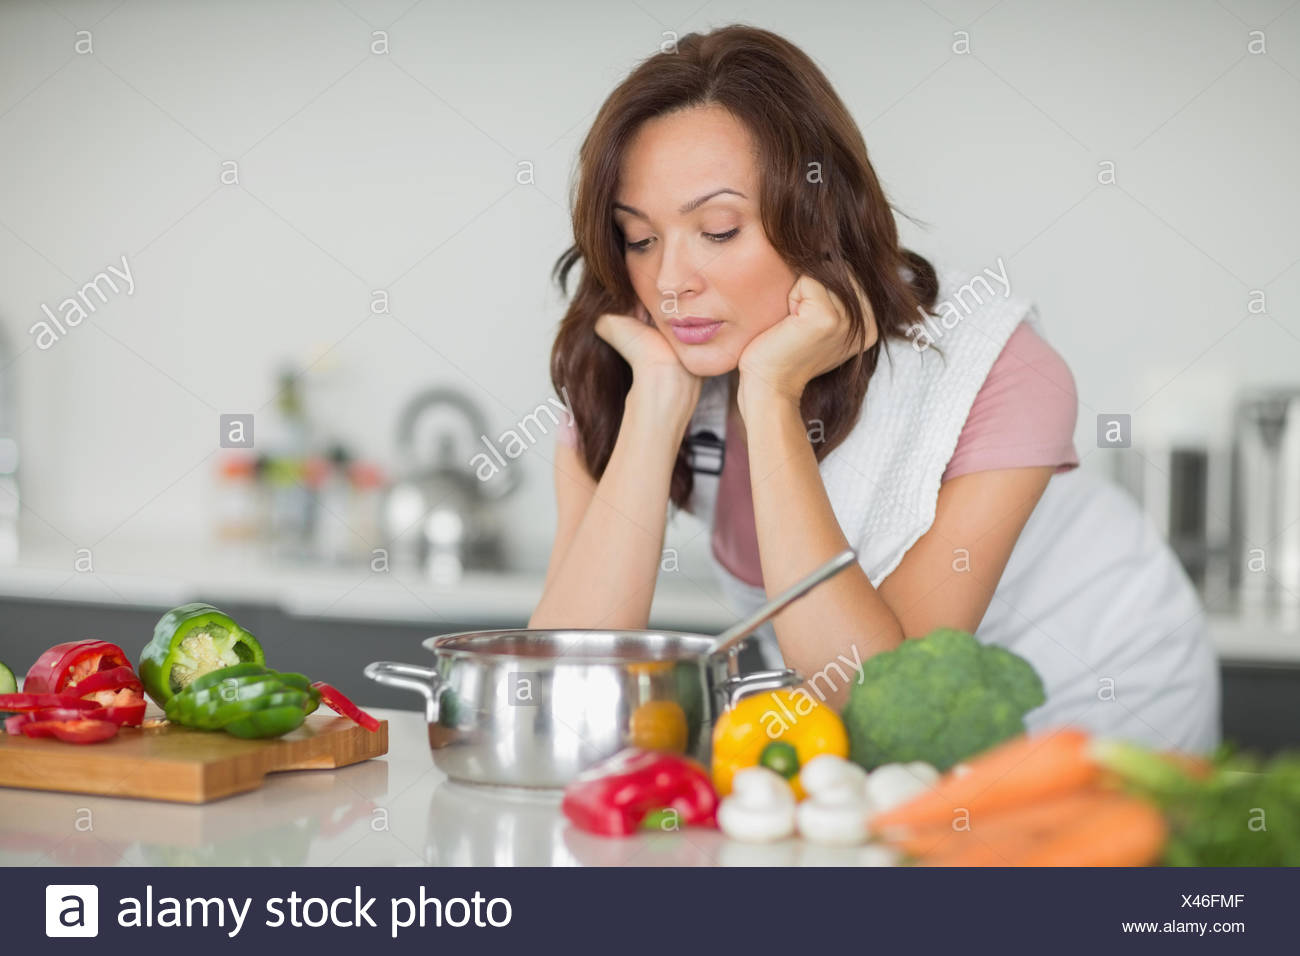 Schwere Frau, die Zubereitung von Speisen in der Küche Stockfoto